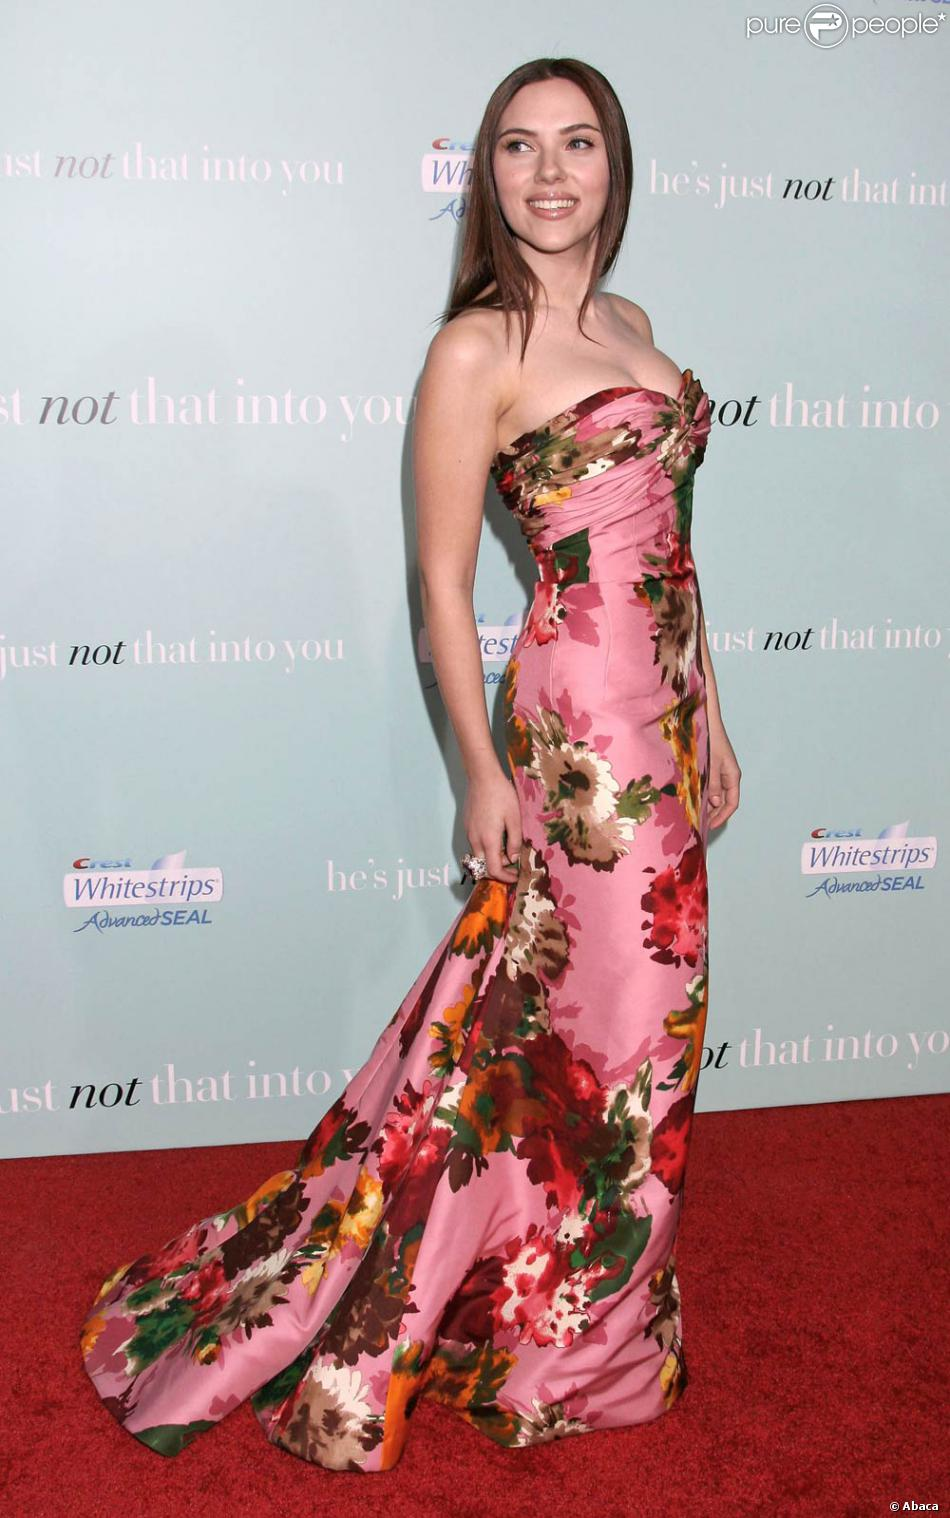 scarlett johansson magnifique dans une robe de soir e imprim rose et fleuri. Black Bedroom Furniture Sets. Home Design Ideas